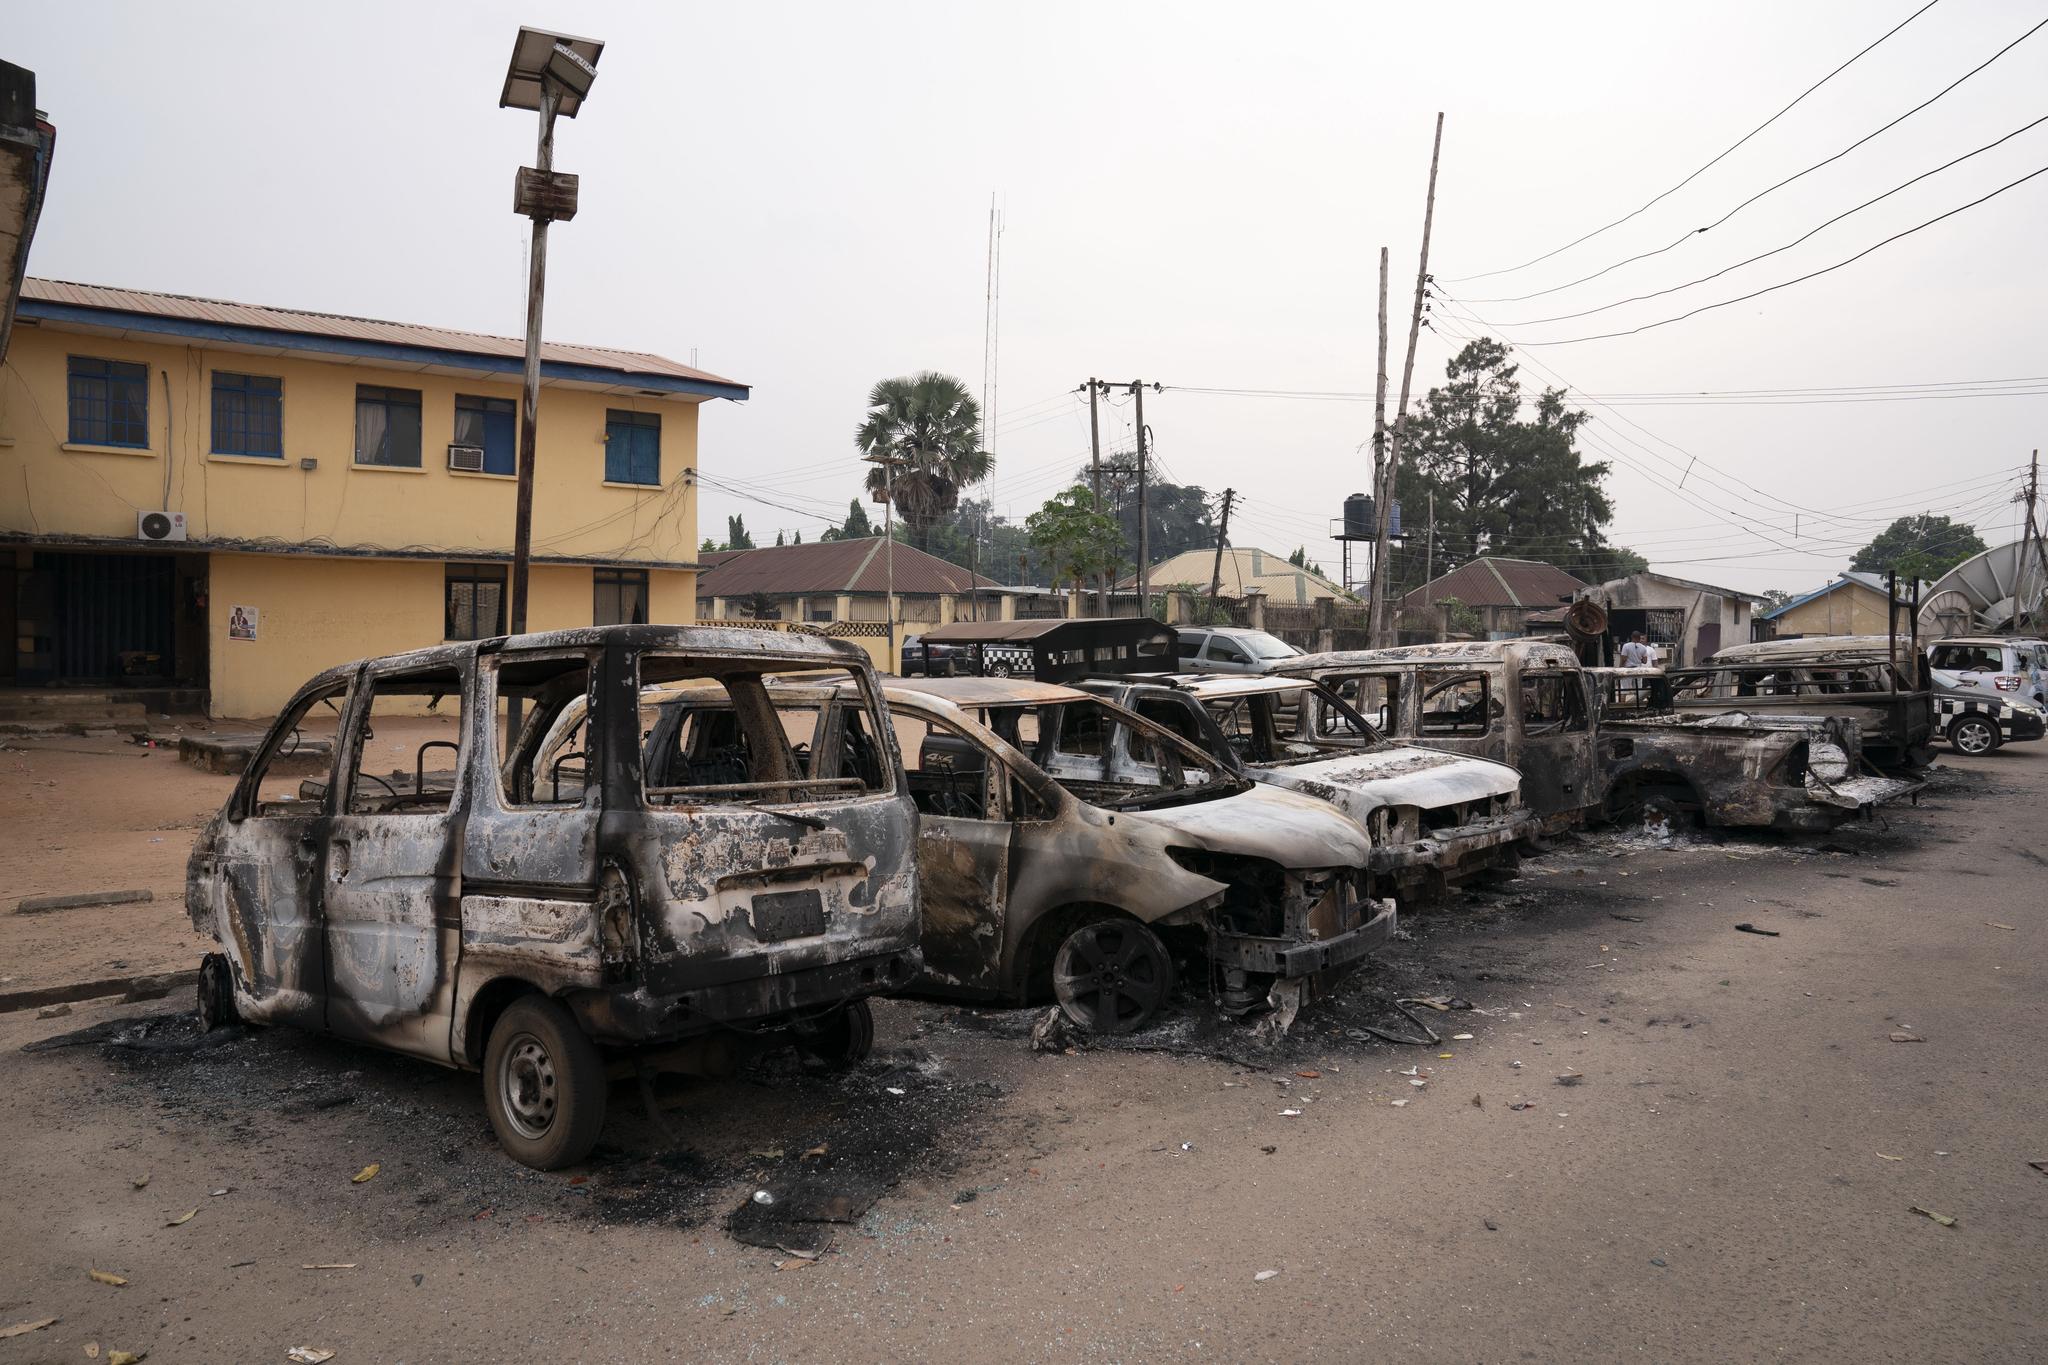 아프리카 나이지리아 이모주의 오웨리에 있는 교정시설에서 수감자들이 대거 탈출하는 사태가 발생했다. 현장 경찰본부 앞에 사태 당시 불에 탄 차량들이 뼈대만 남아 있다. AP=연합뉴스